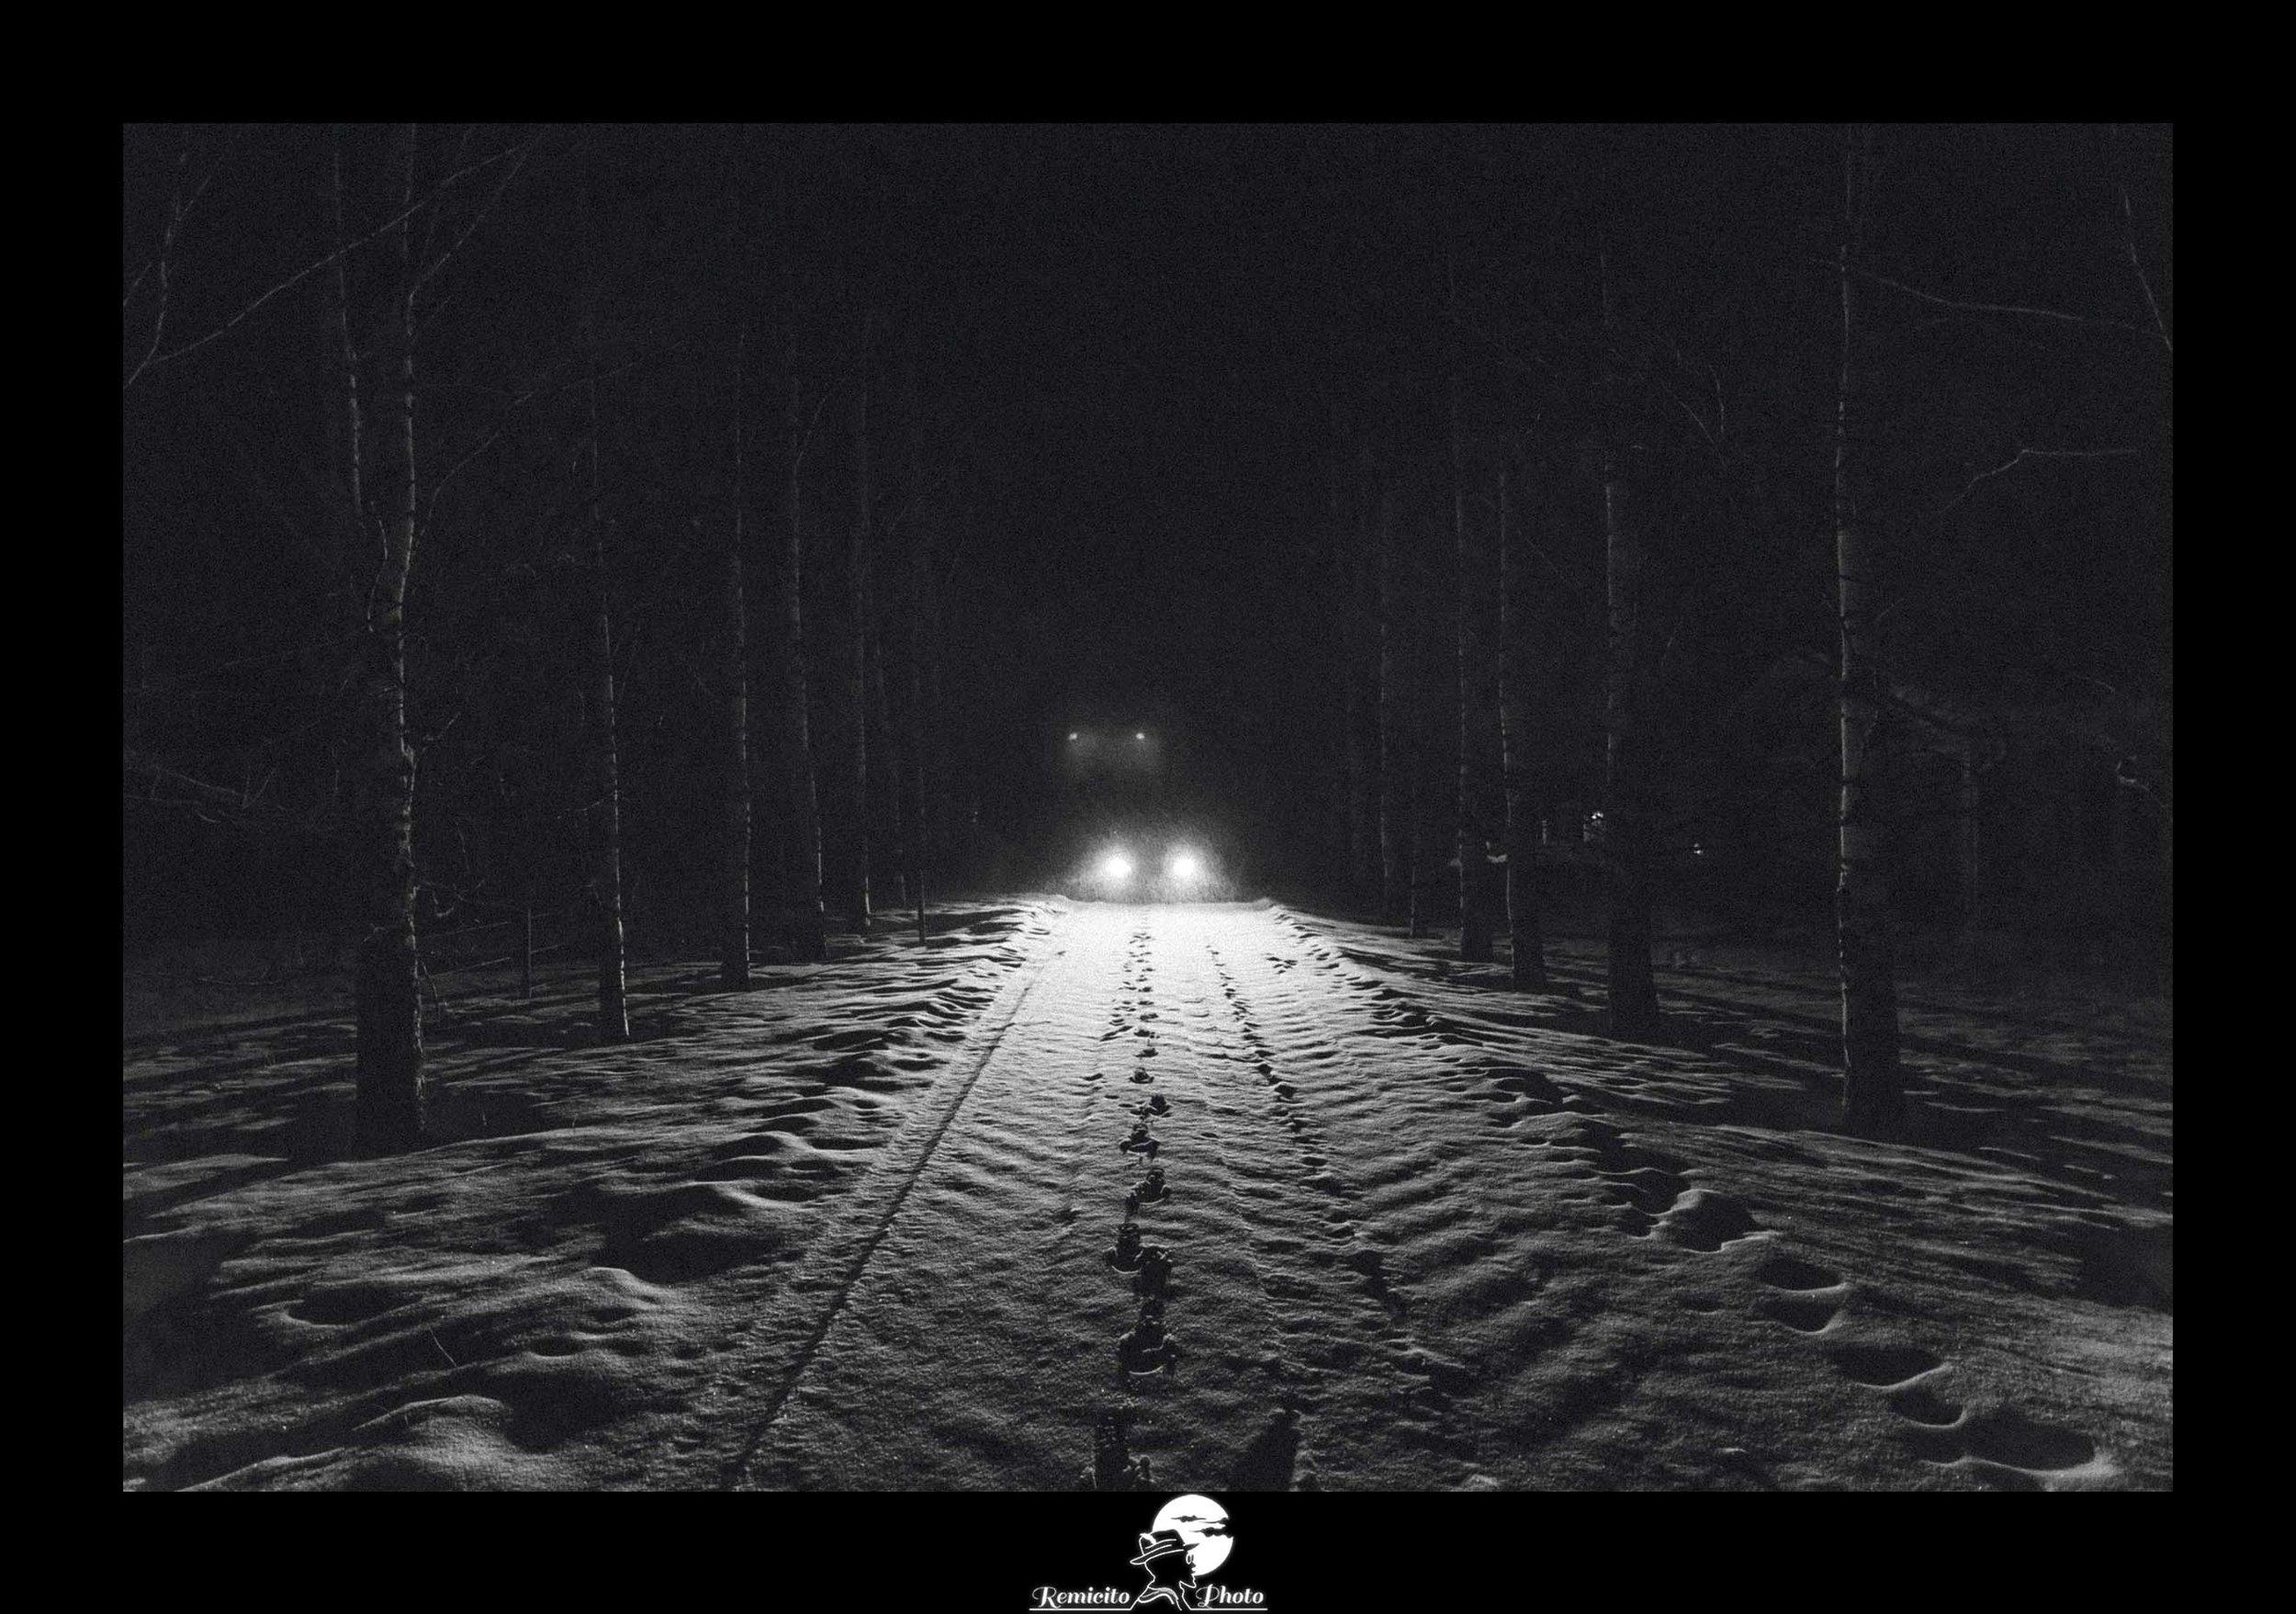 Remicito photo, remicito rémi lacombe photographe paris, photo noir et blanc tempête de neige, belle photo idée cadeau neige, photo finlande noir et blanc neige